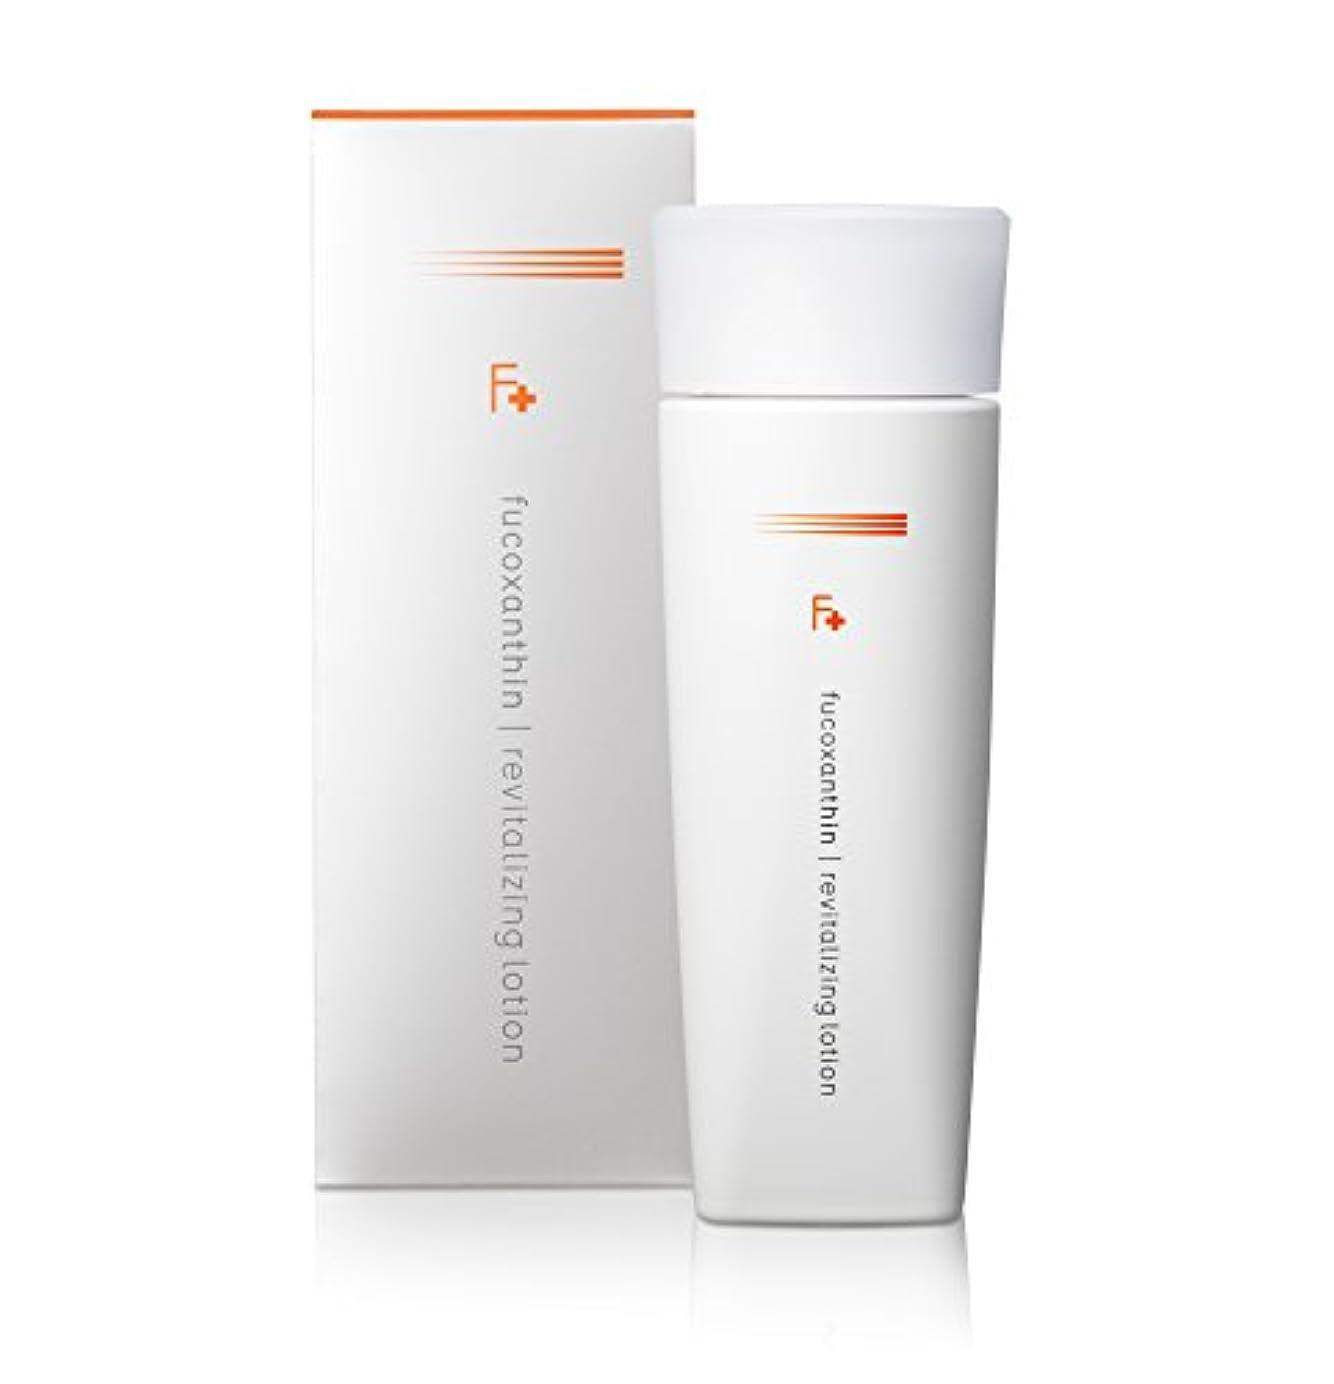 スマイル市場モジュールF+フコキサンチン リバイタライジングローション(化粧水) 120ml x 1本